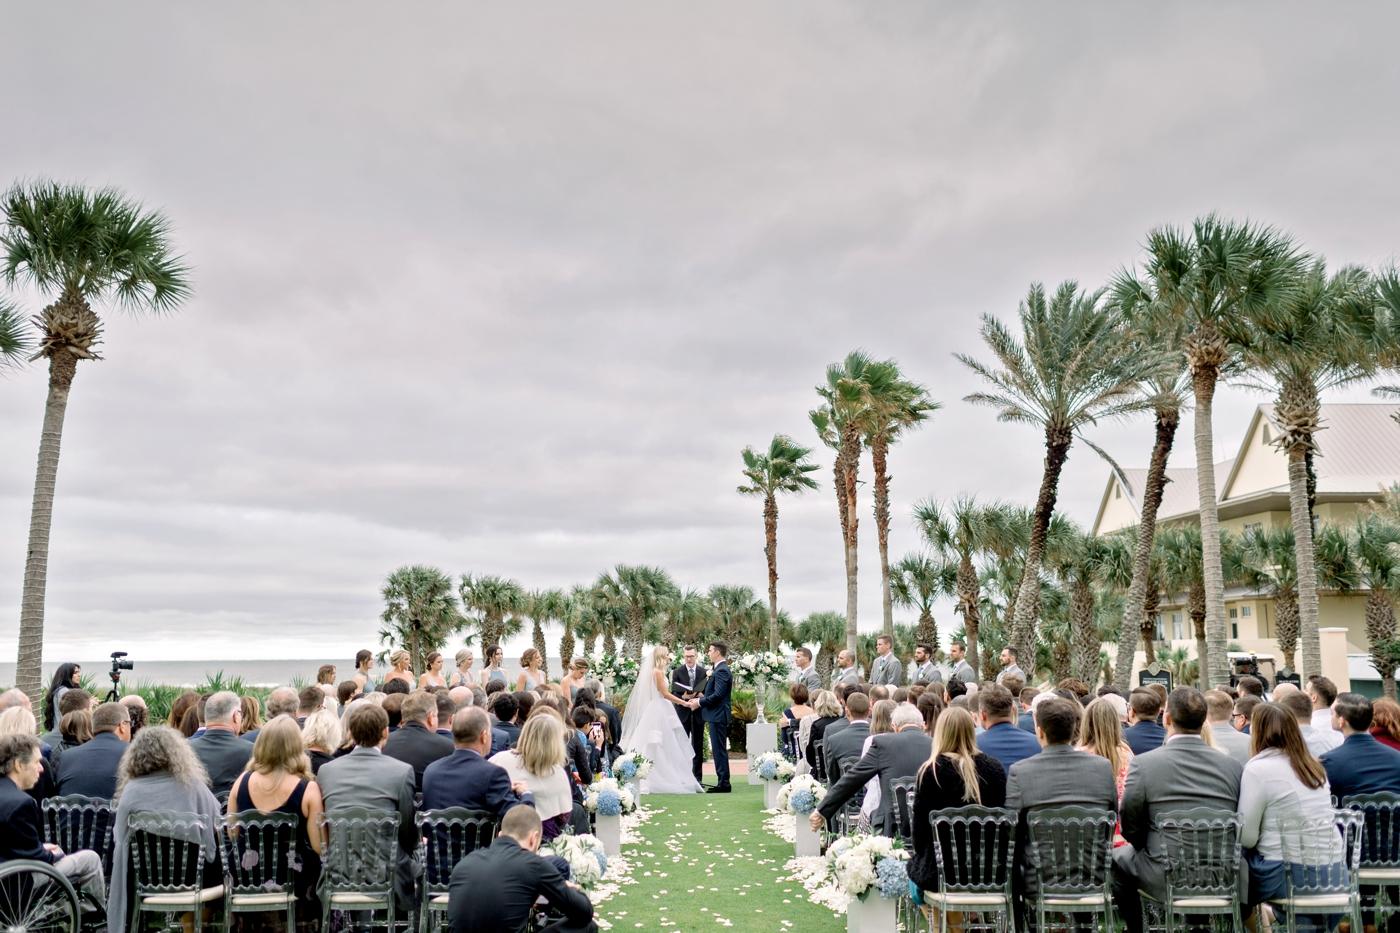 central florida modern wedding photo